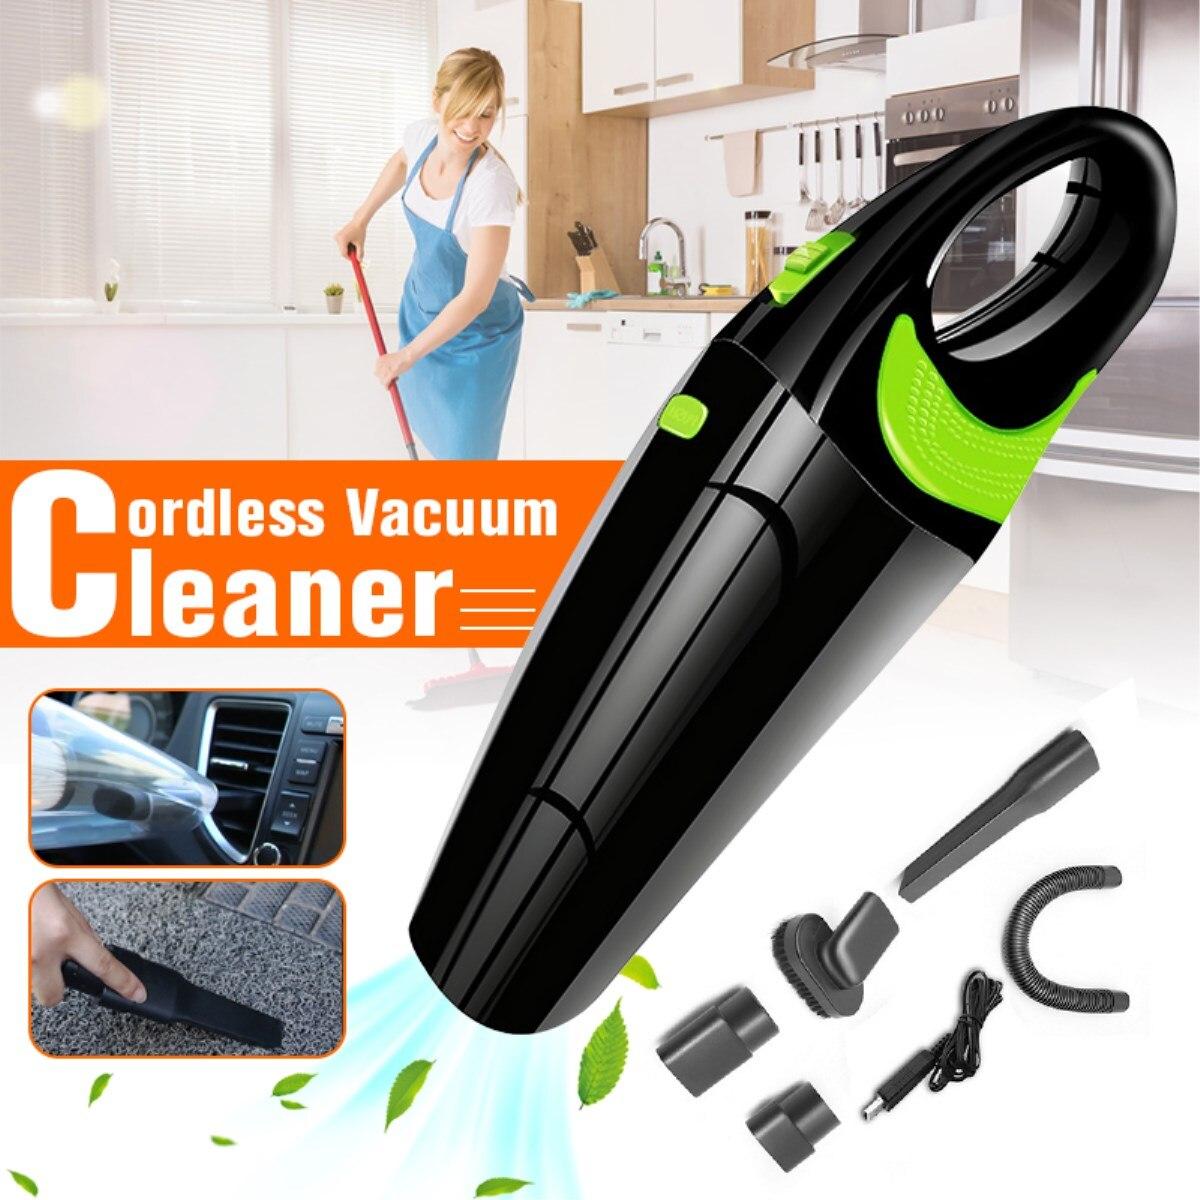 Aspirateur pour maison voiture 220V Mini aspirateur sans fil main dépoussiéreur sec humide aspirateur voiture nettoyeur